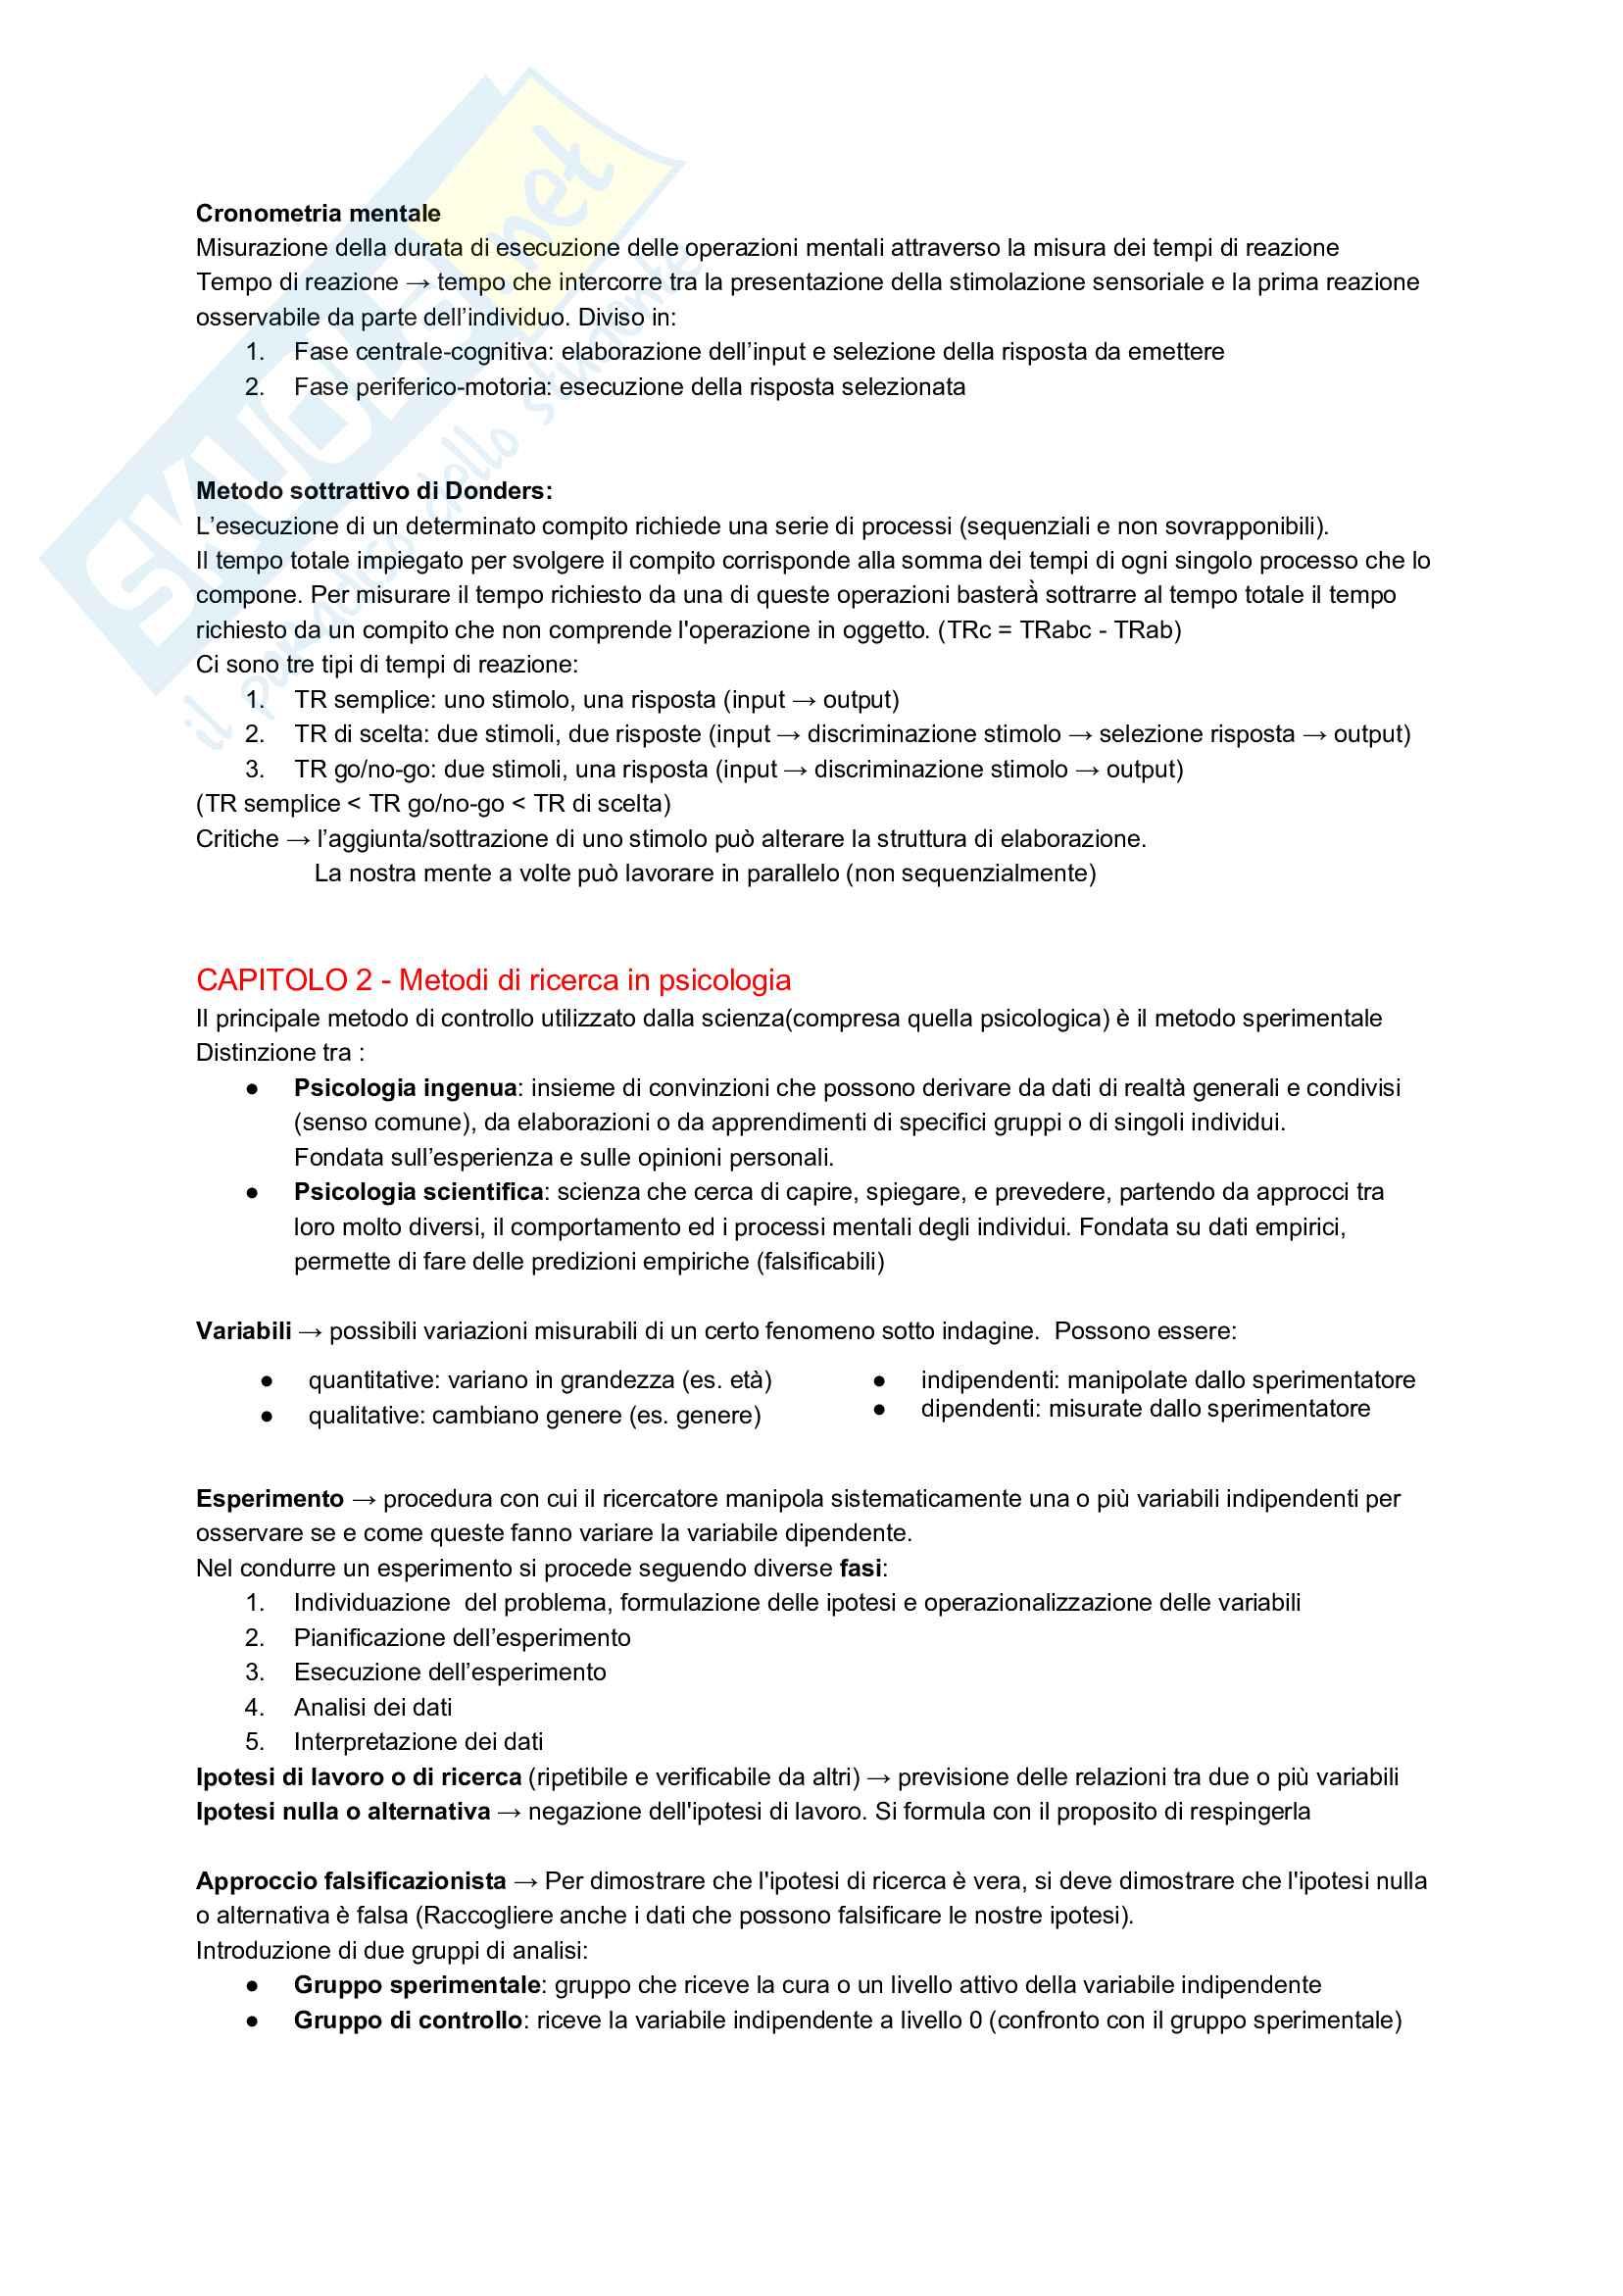 Appunti - Psicologia Generale Pag. 2